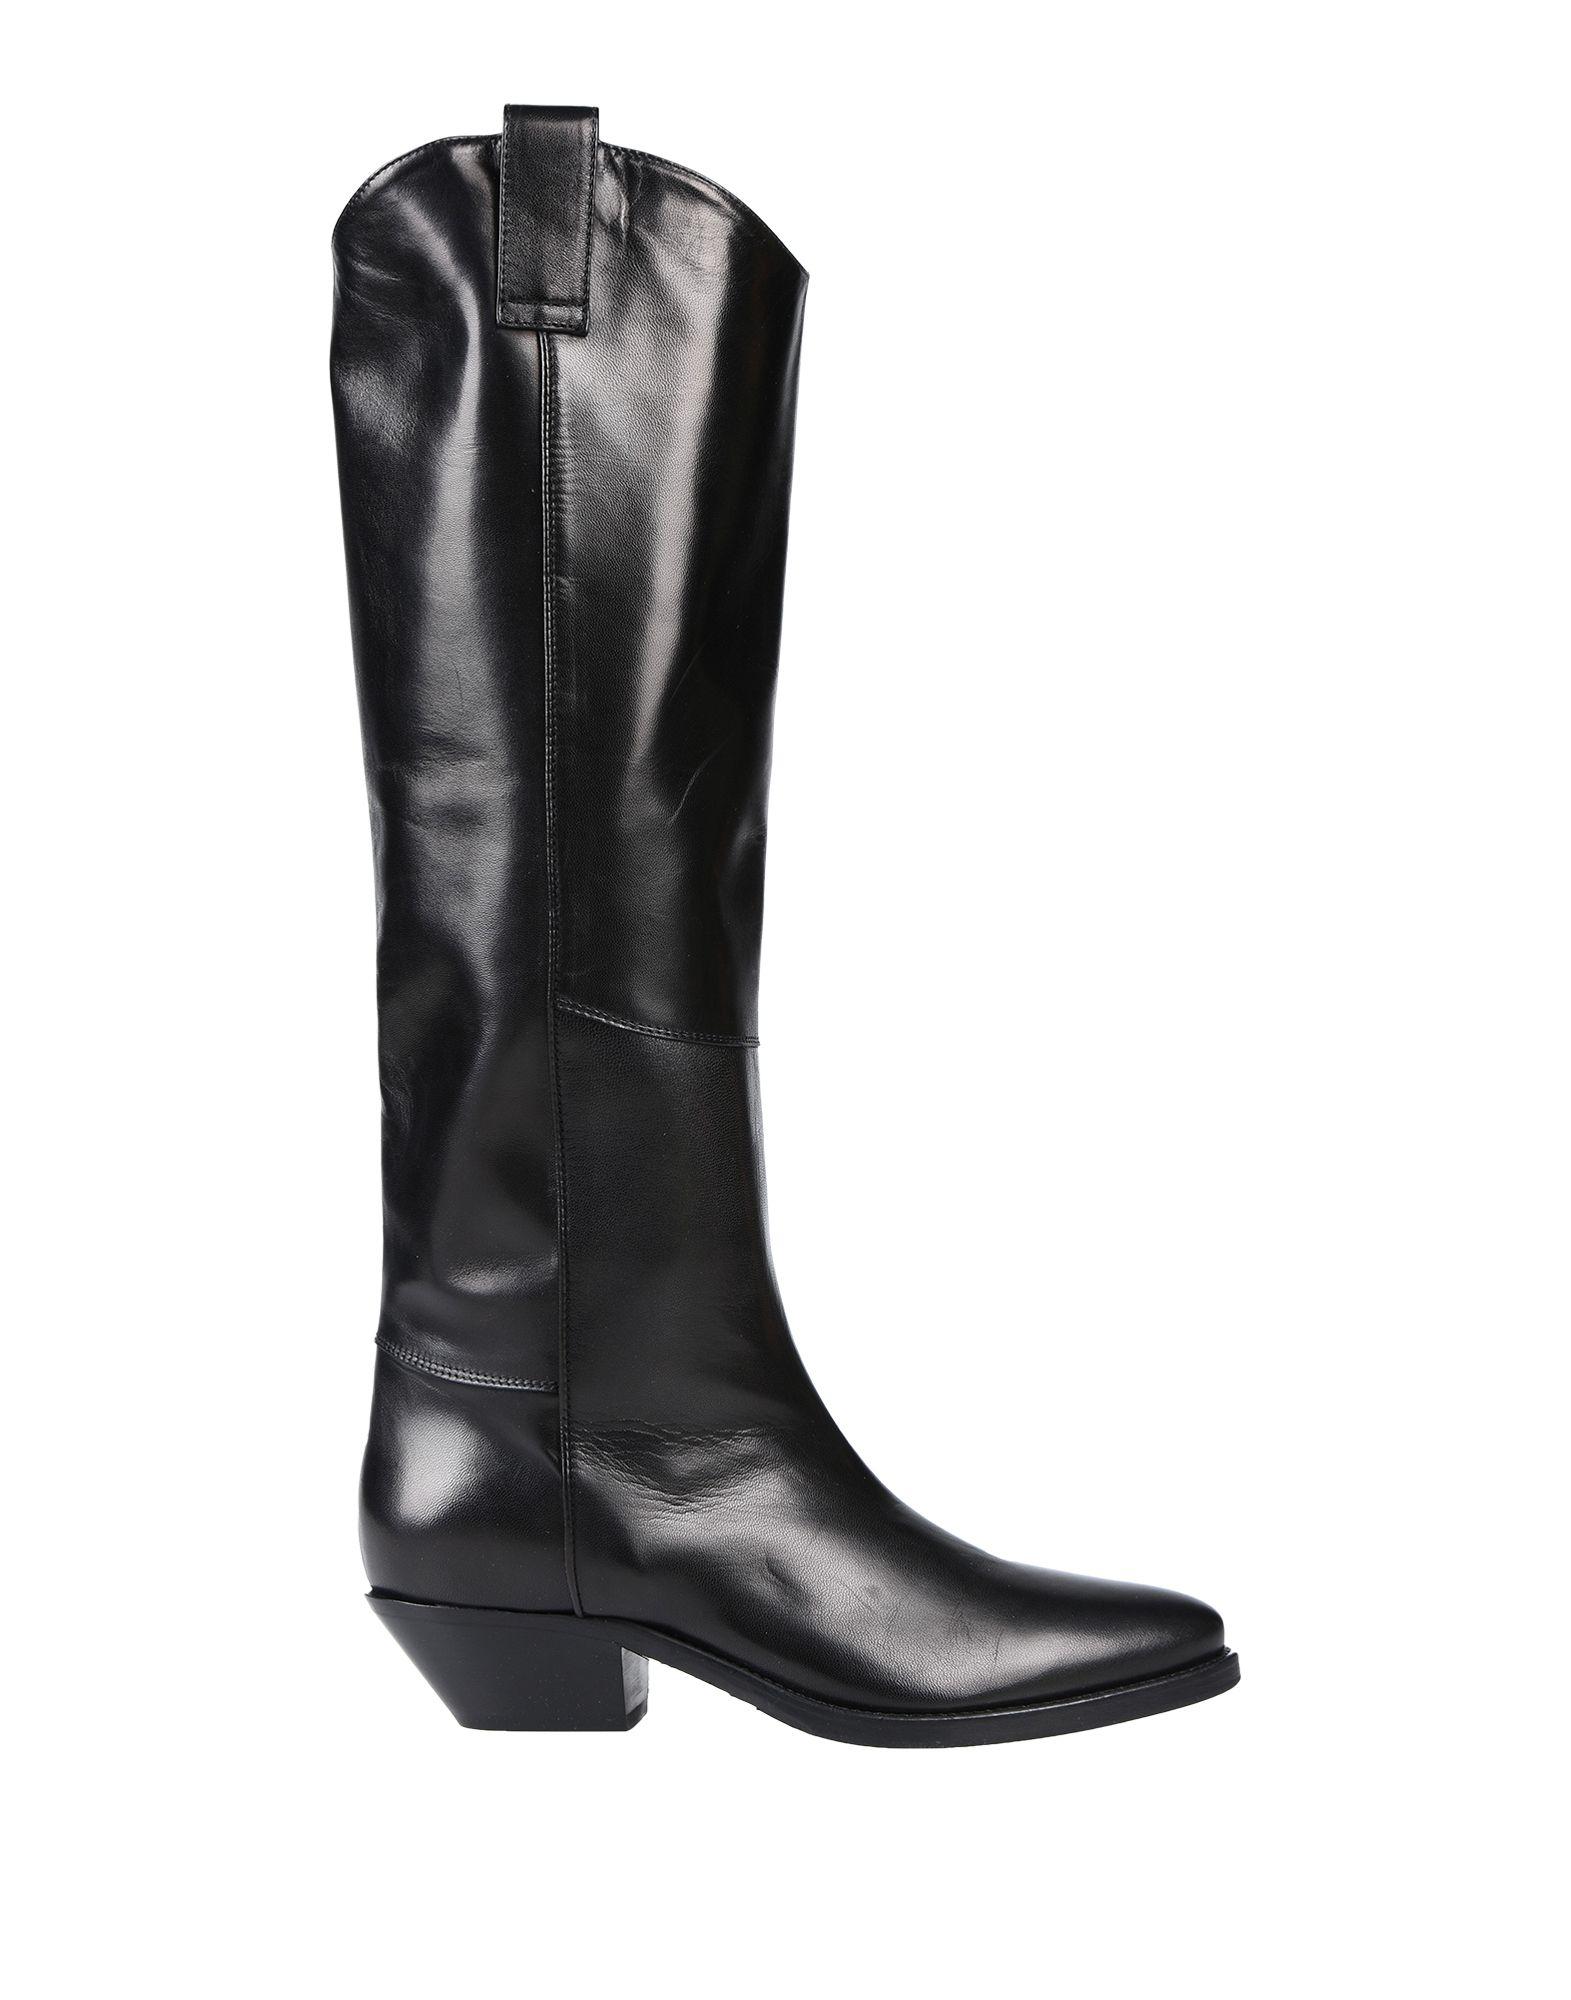 《送料無料》CARLA G. レディース ブーツ ブラック 36 革